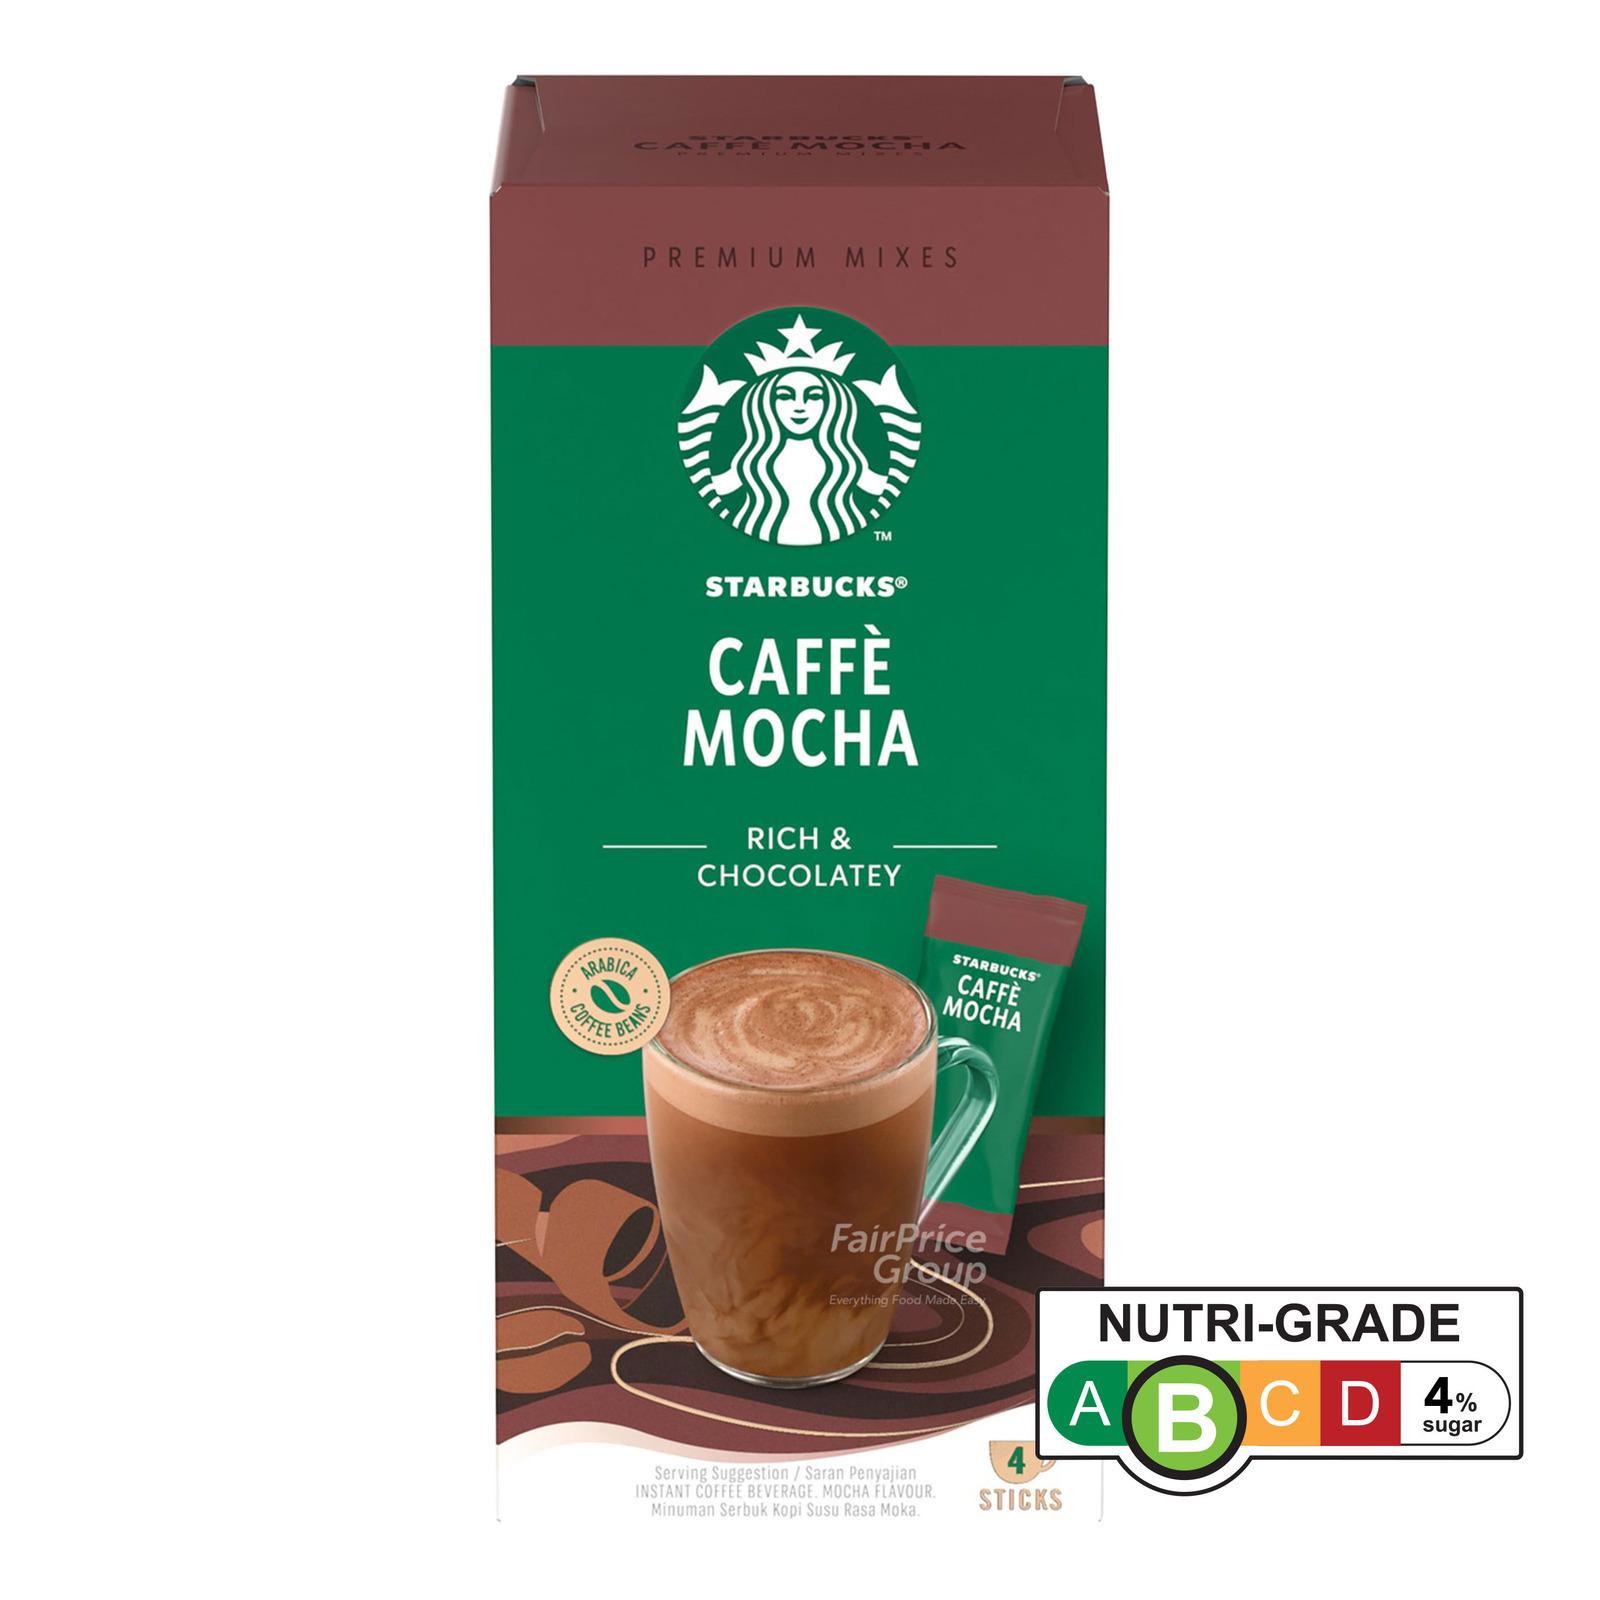 Starbucks Instant Premium Mixes - Caffe Mocha